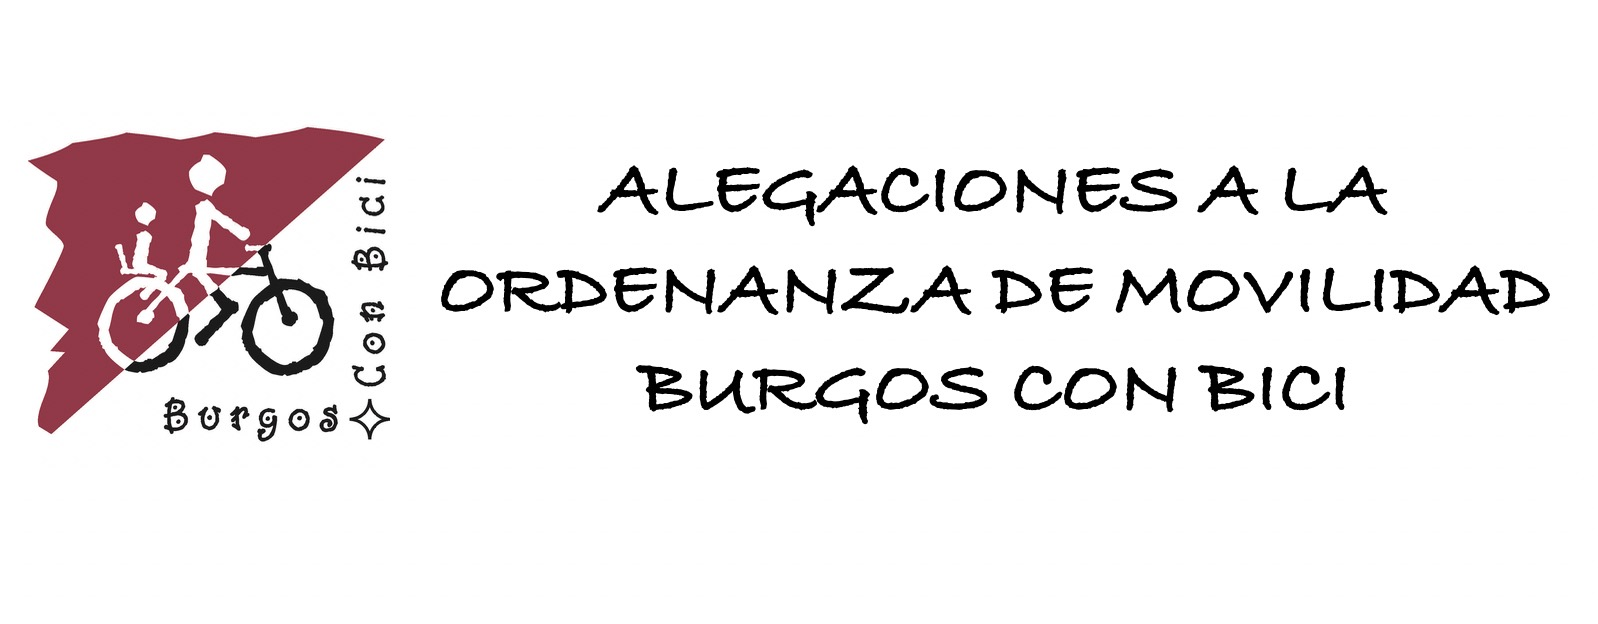 Alegaciones a la Ordenanza de Movilidad. Burgos Con Bici